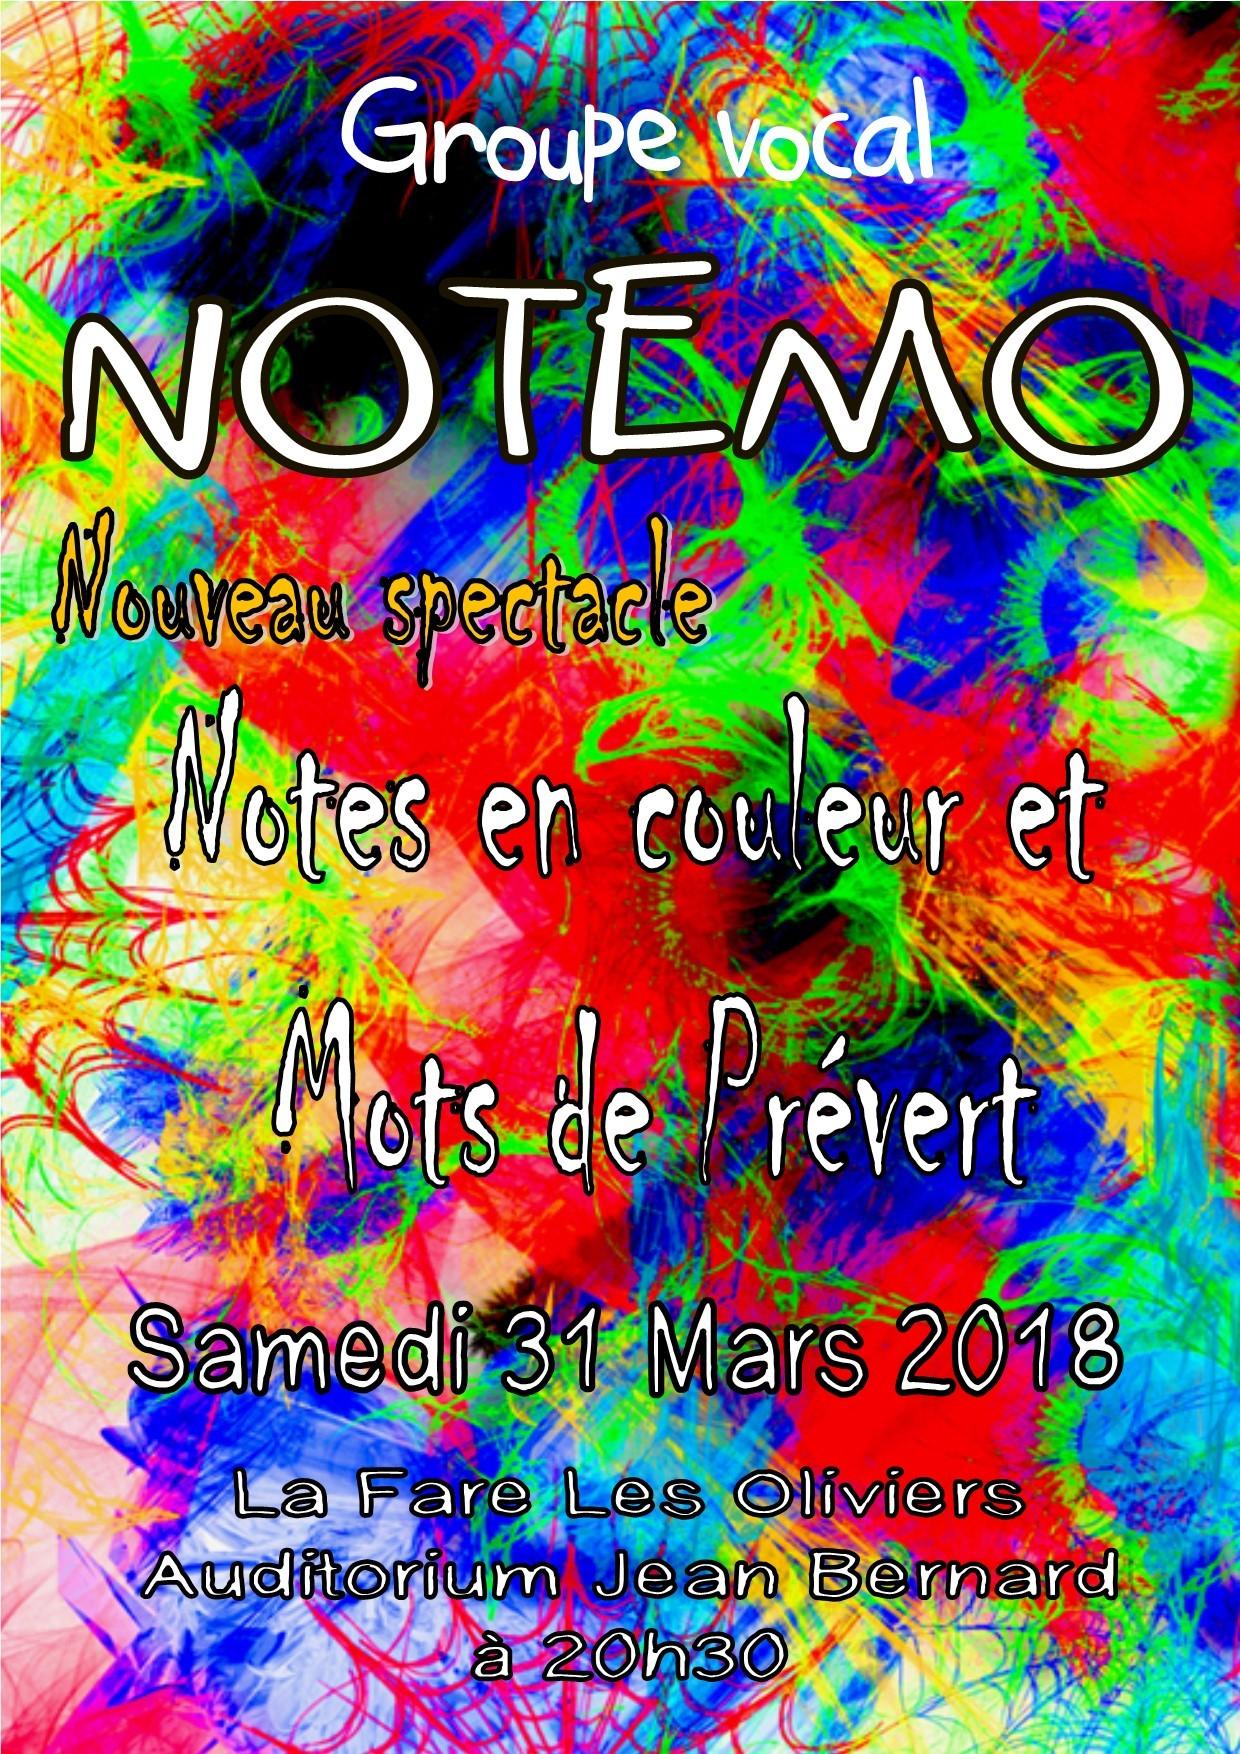 NOTEs en couleur et MOts de Prevert @ Auditorium René Bartoli